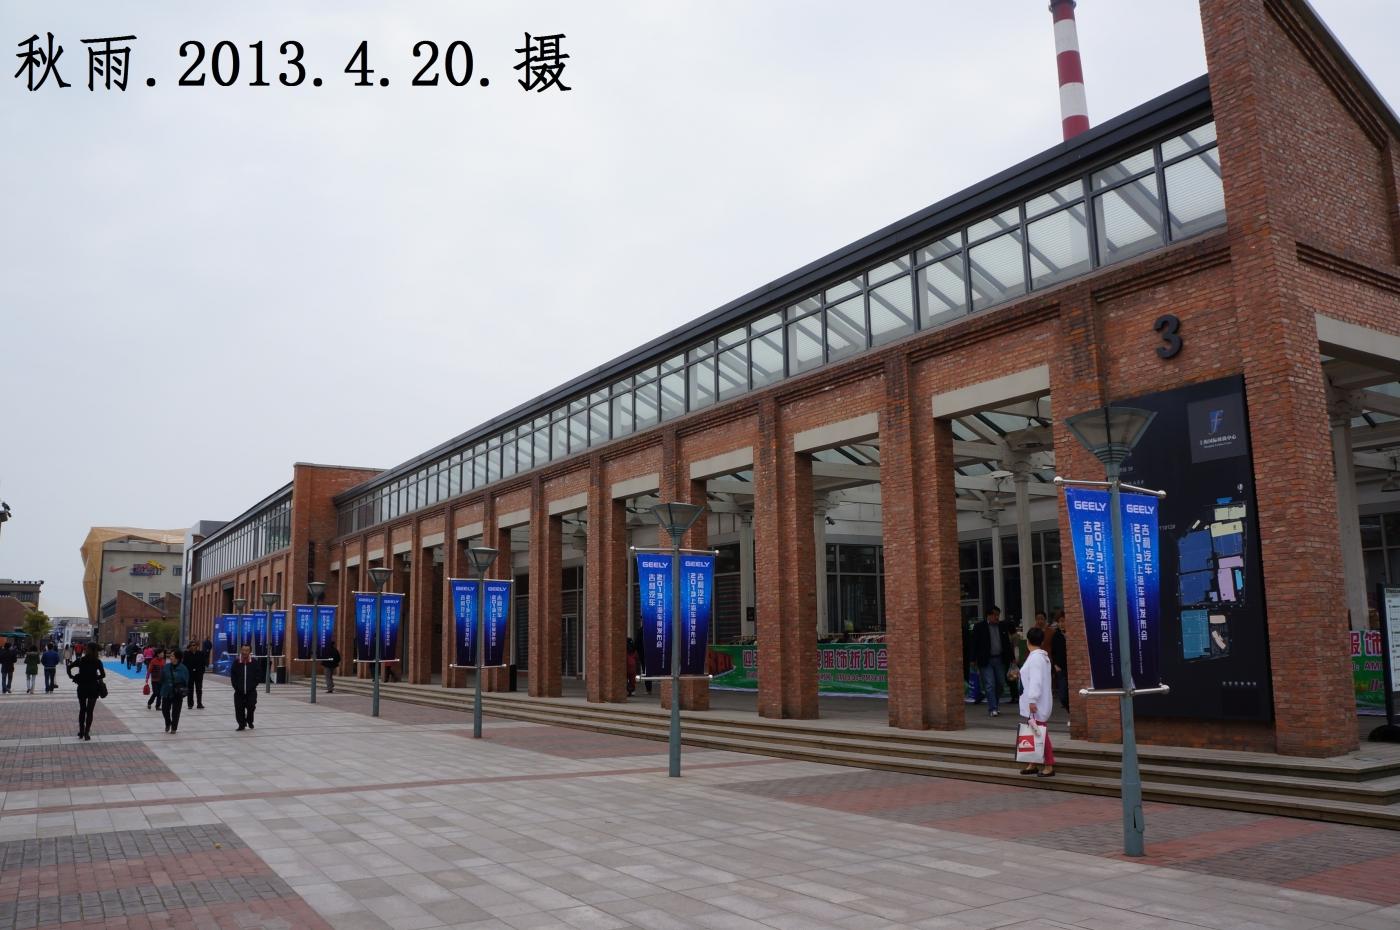 上海国际时尚中心,原国棉十七厂旧址(1),修旧如旧。摄影原创。 ..._图1-8